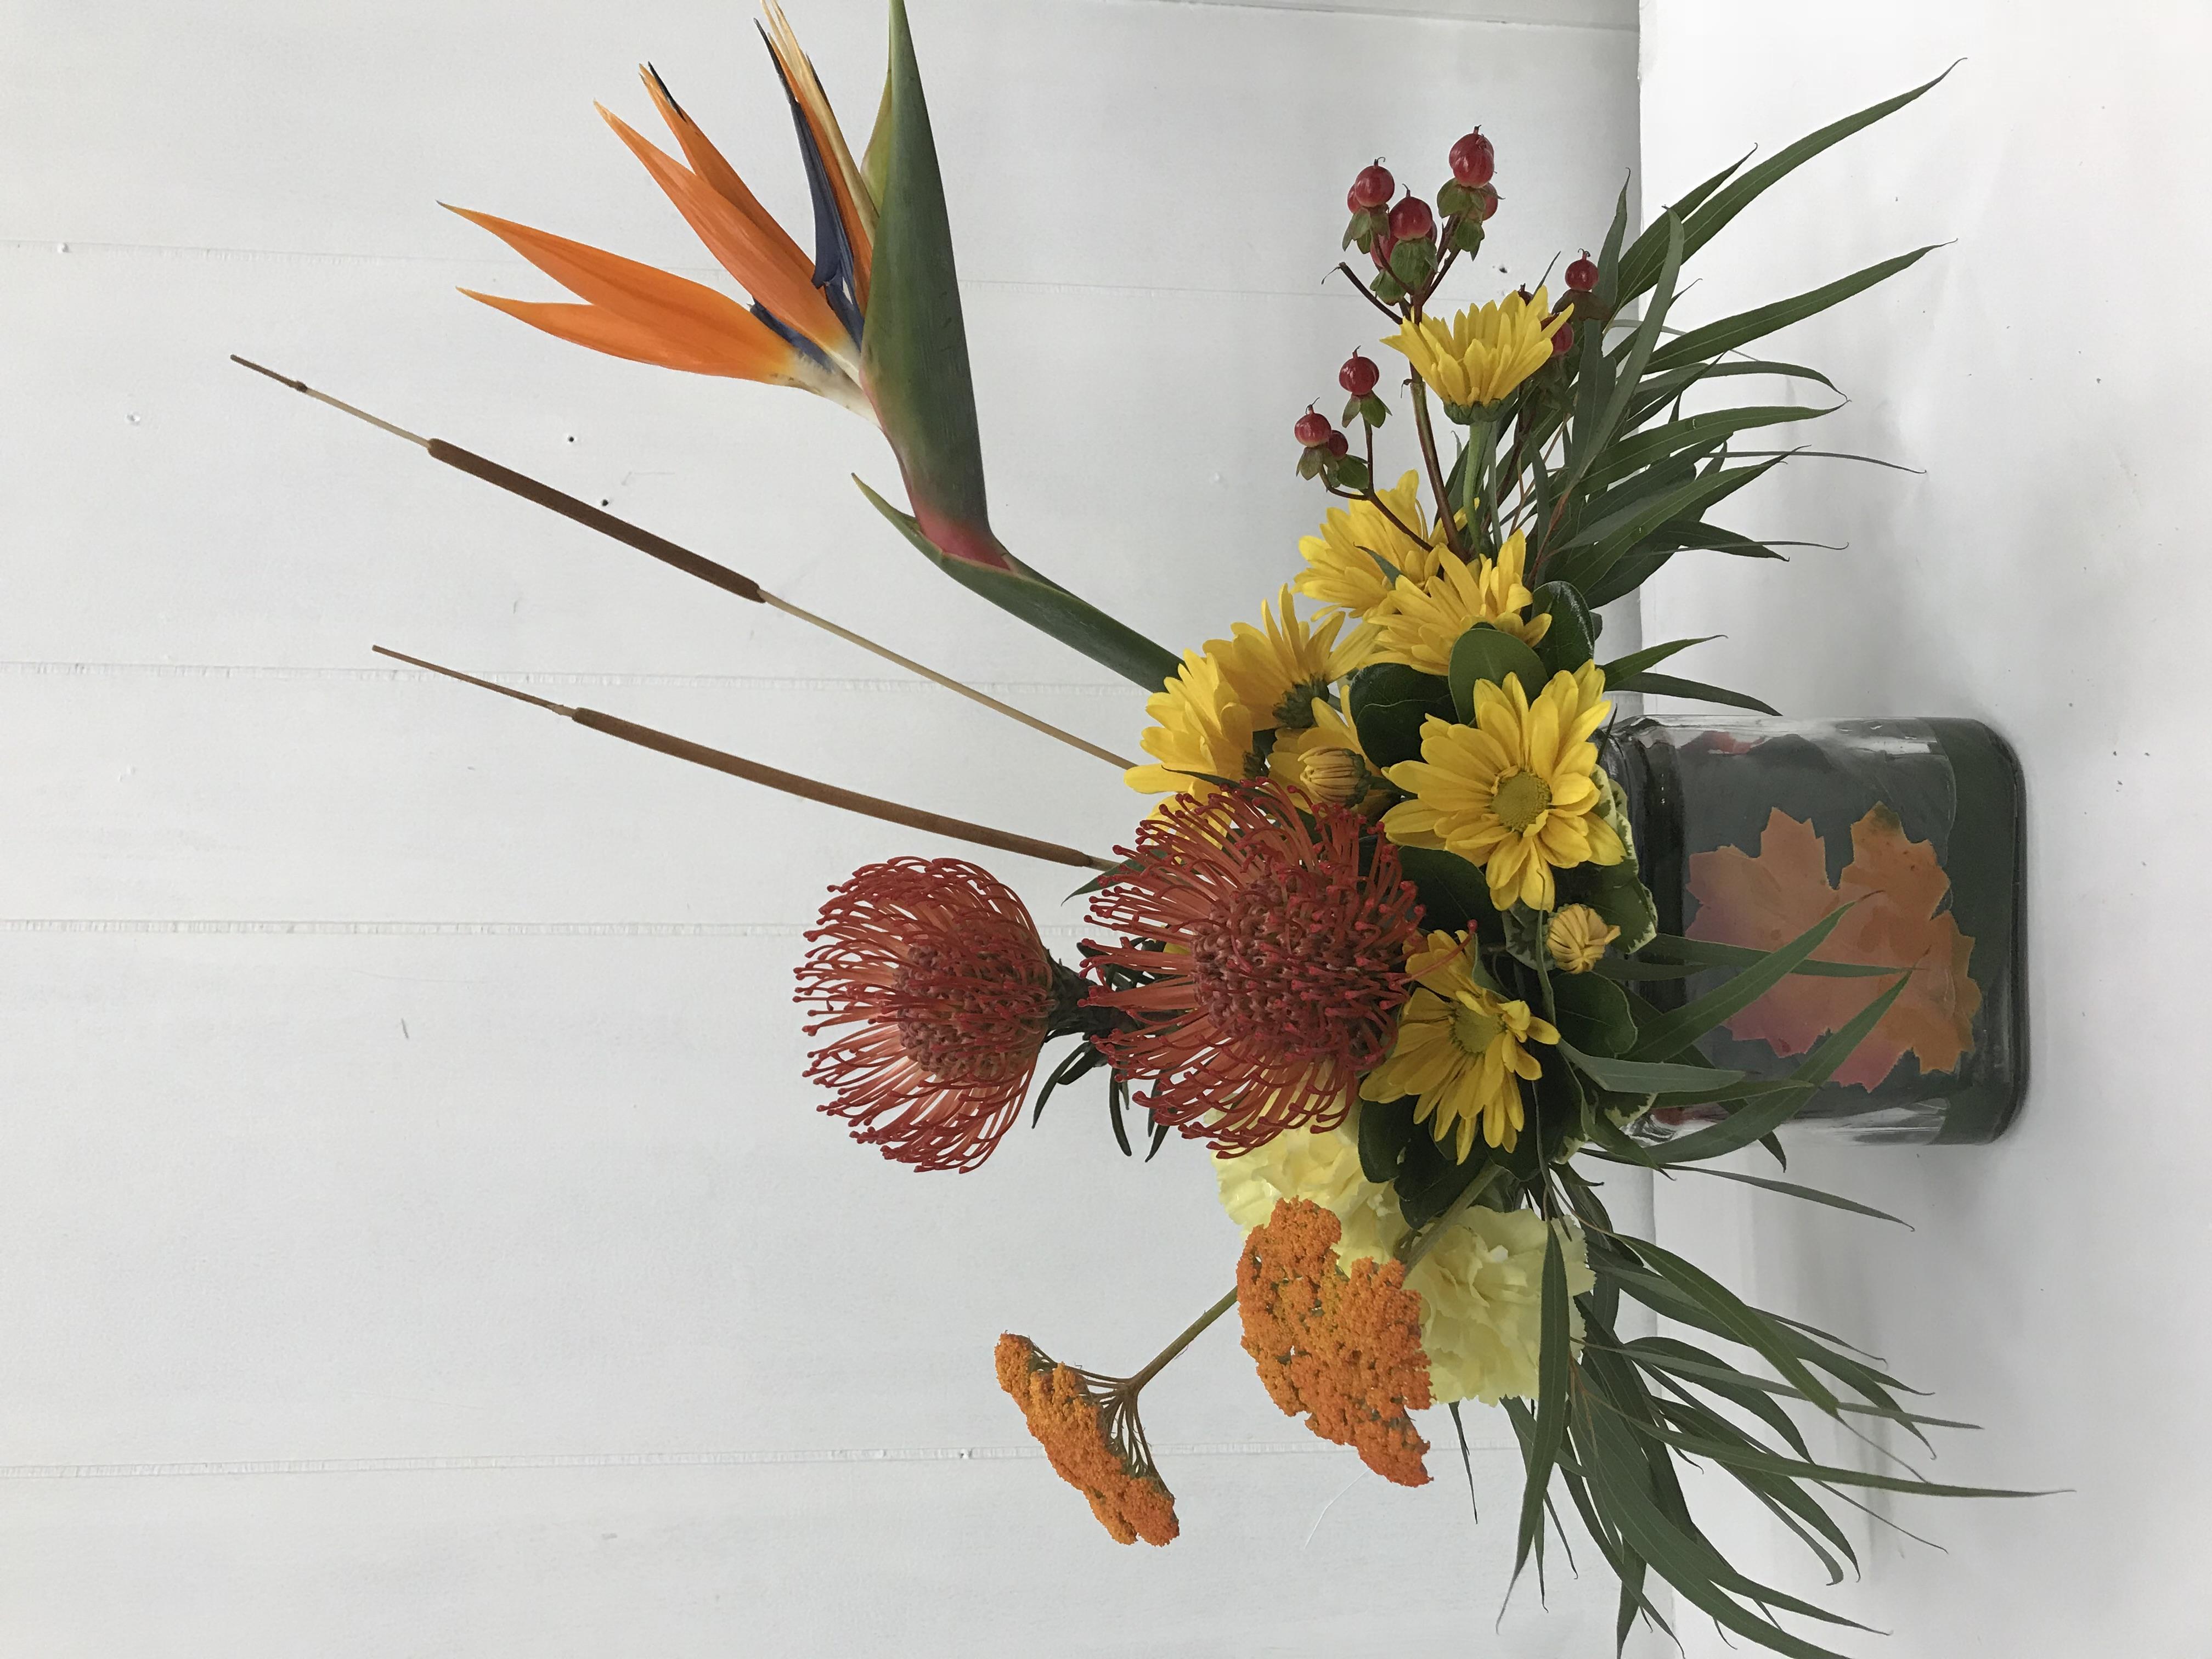 Traditional funeral arrangement indianapolis in florist izmirmasajfo